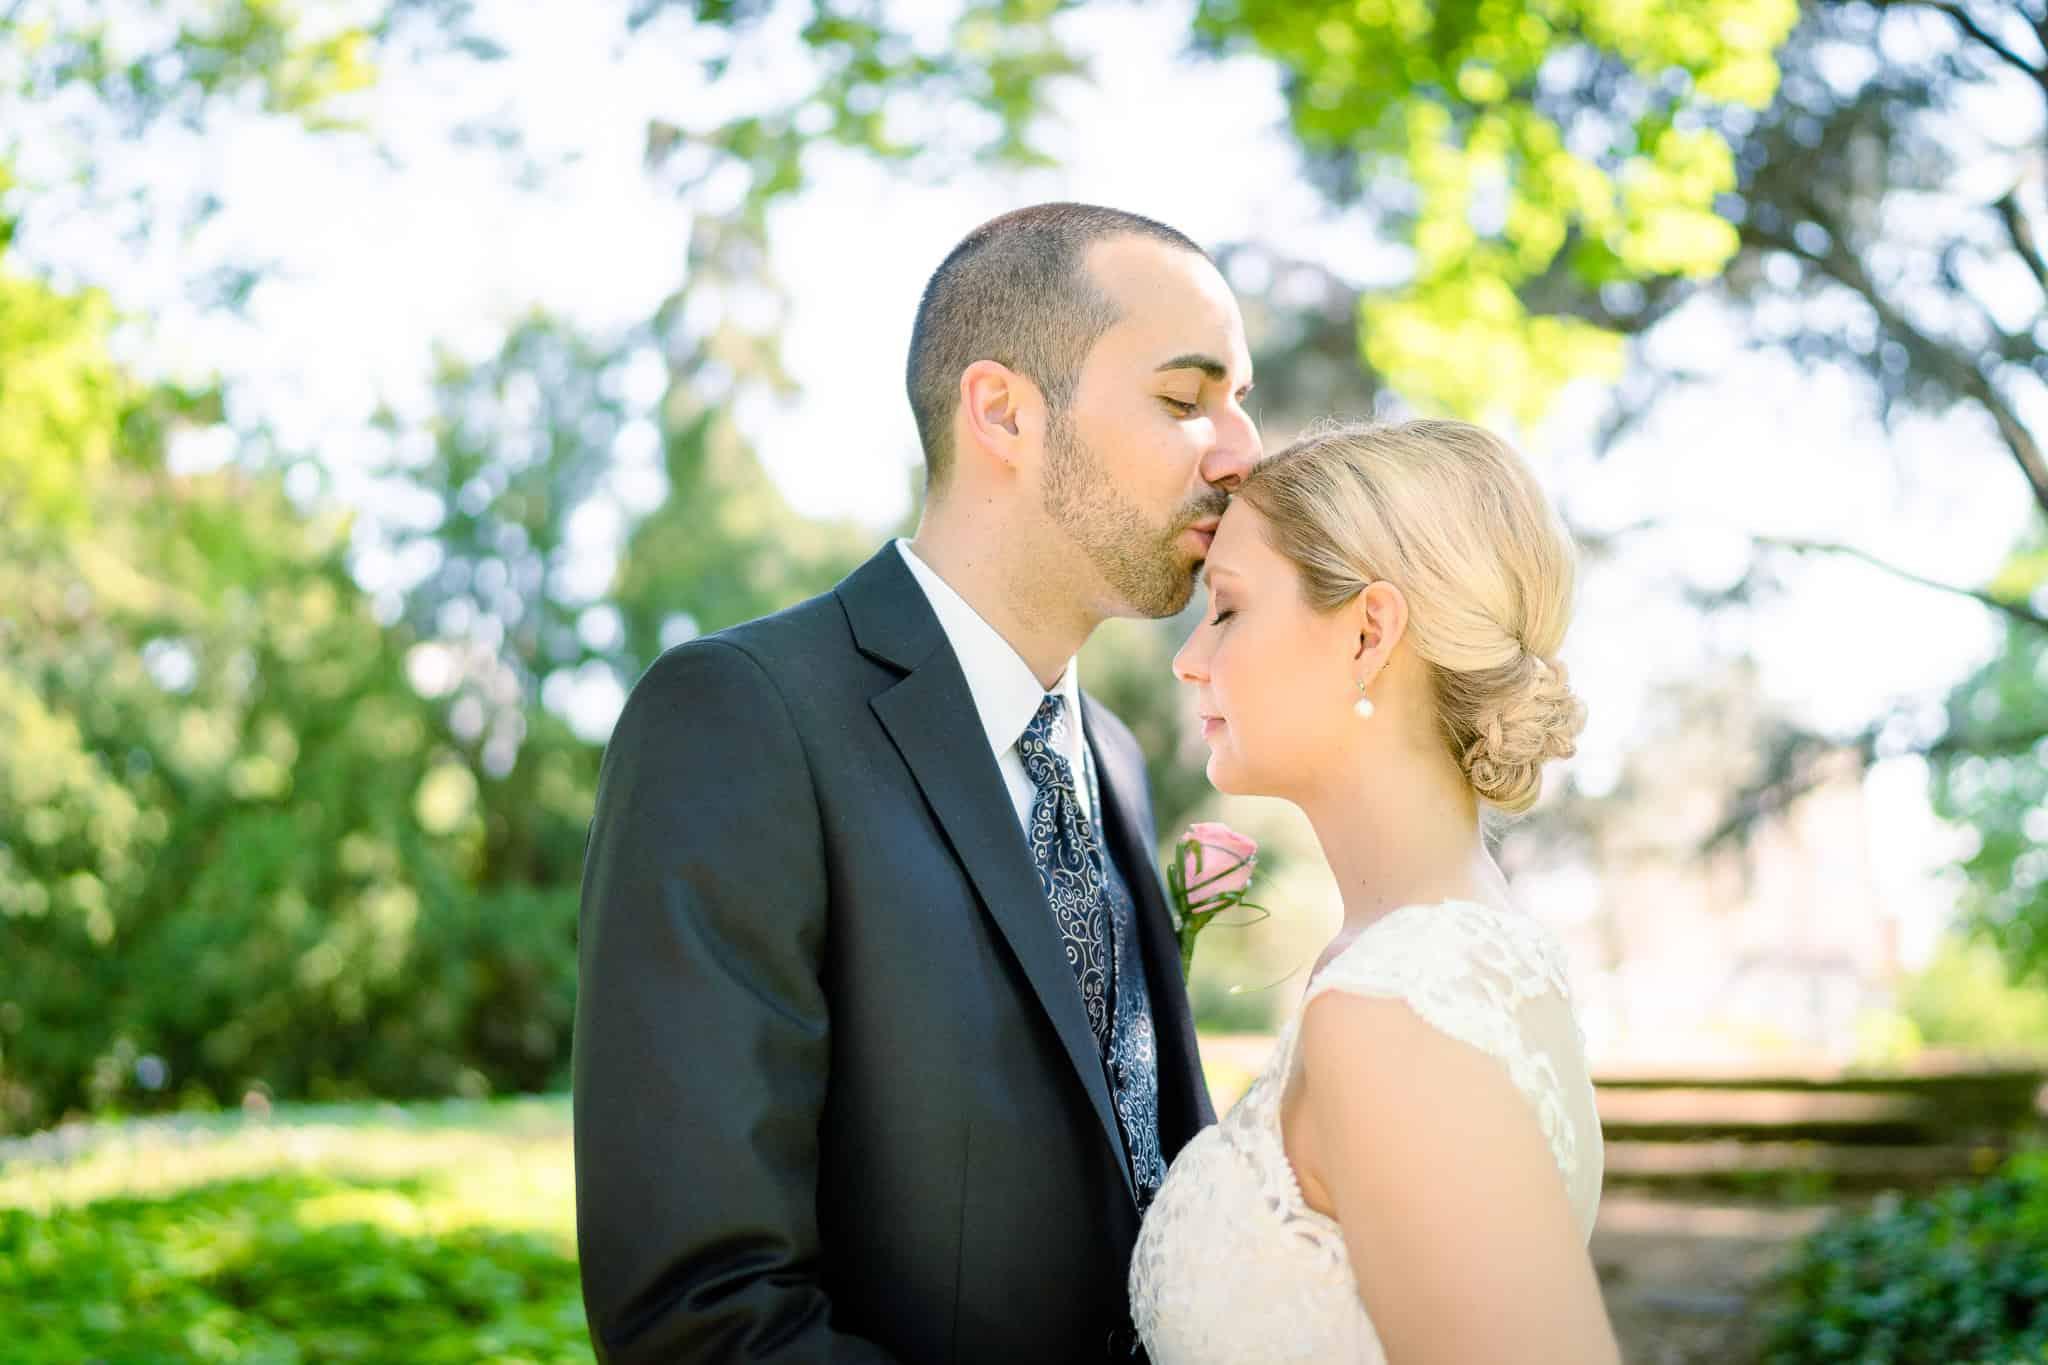 Hochzeitsfoto aufgenommen von Fotograf in Alzey Kirchheimbolanden Mainz www.janweber.photography